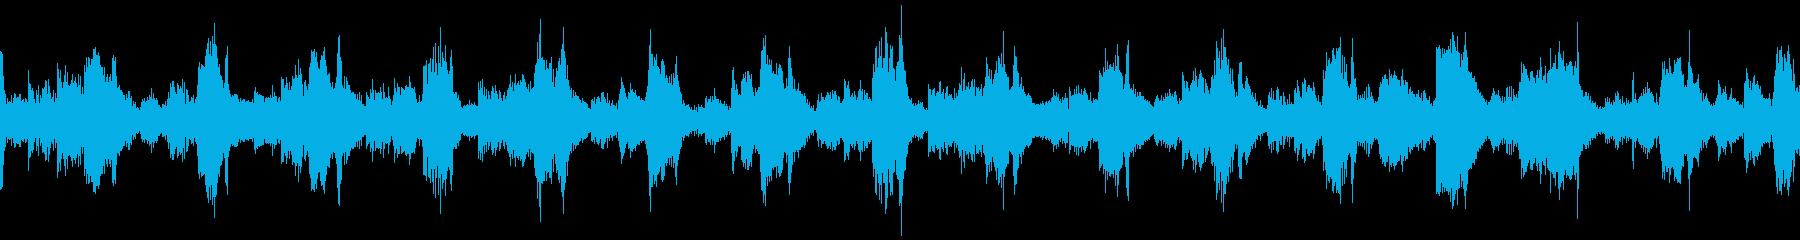 【ループD】クールなテクノトラックの再生済みの波形